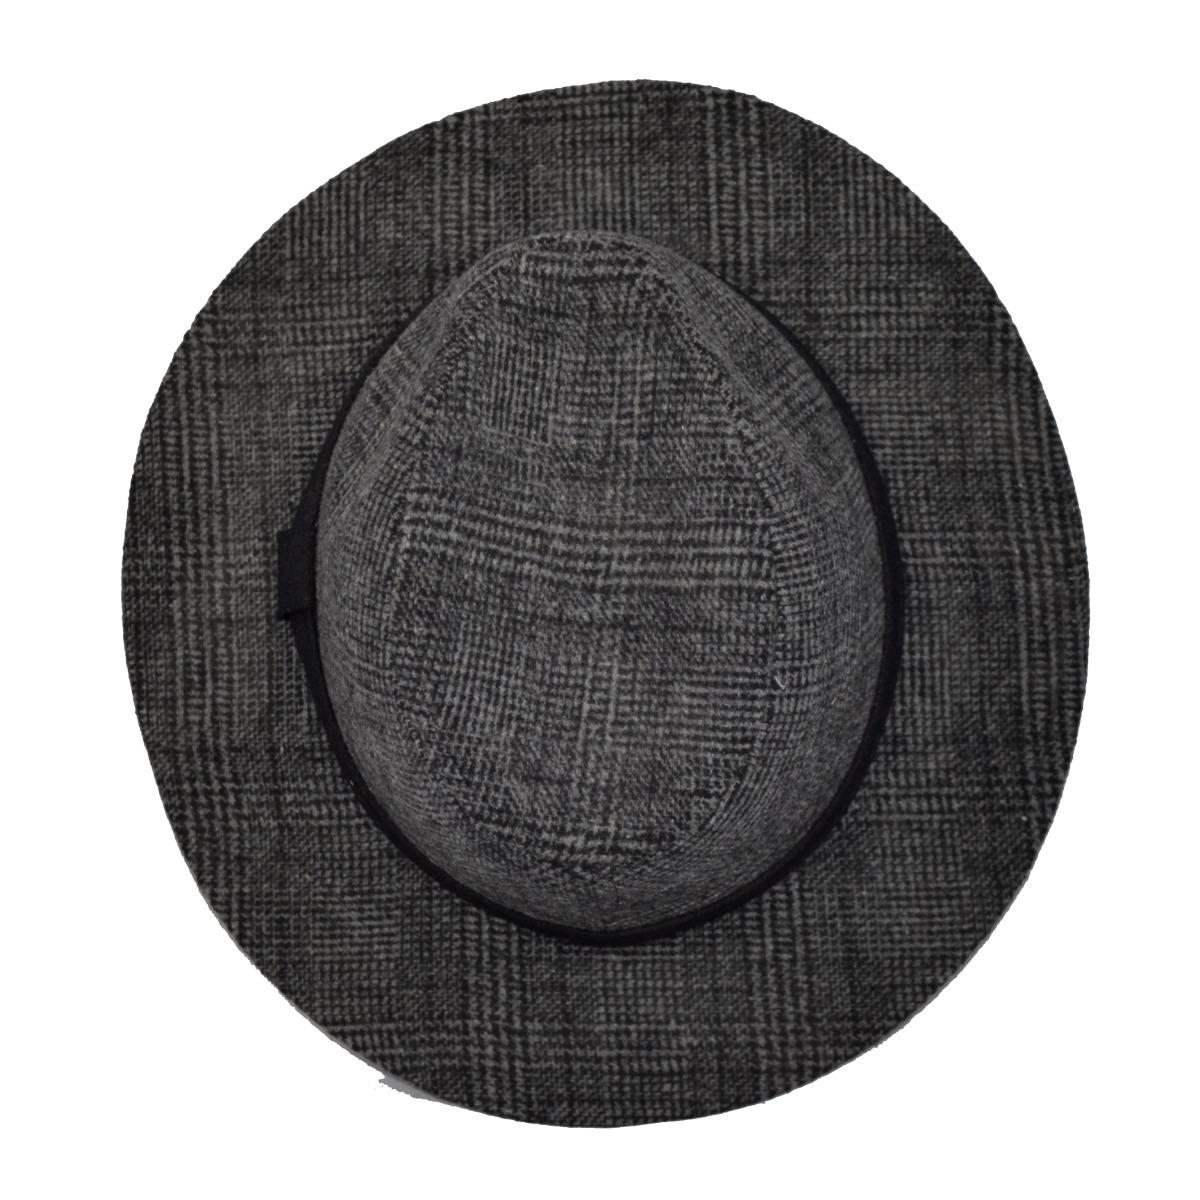 Sombrero Fedora Unisex Hipster Vintage Hombre Mujer -   550.00 en Mercado  Libre 19002847033